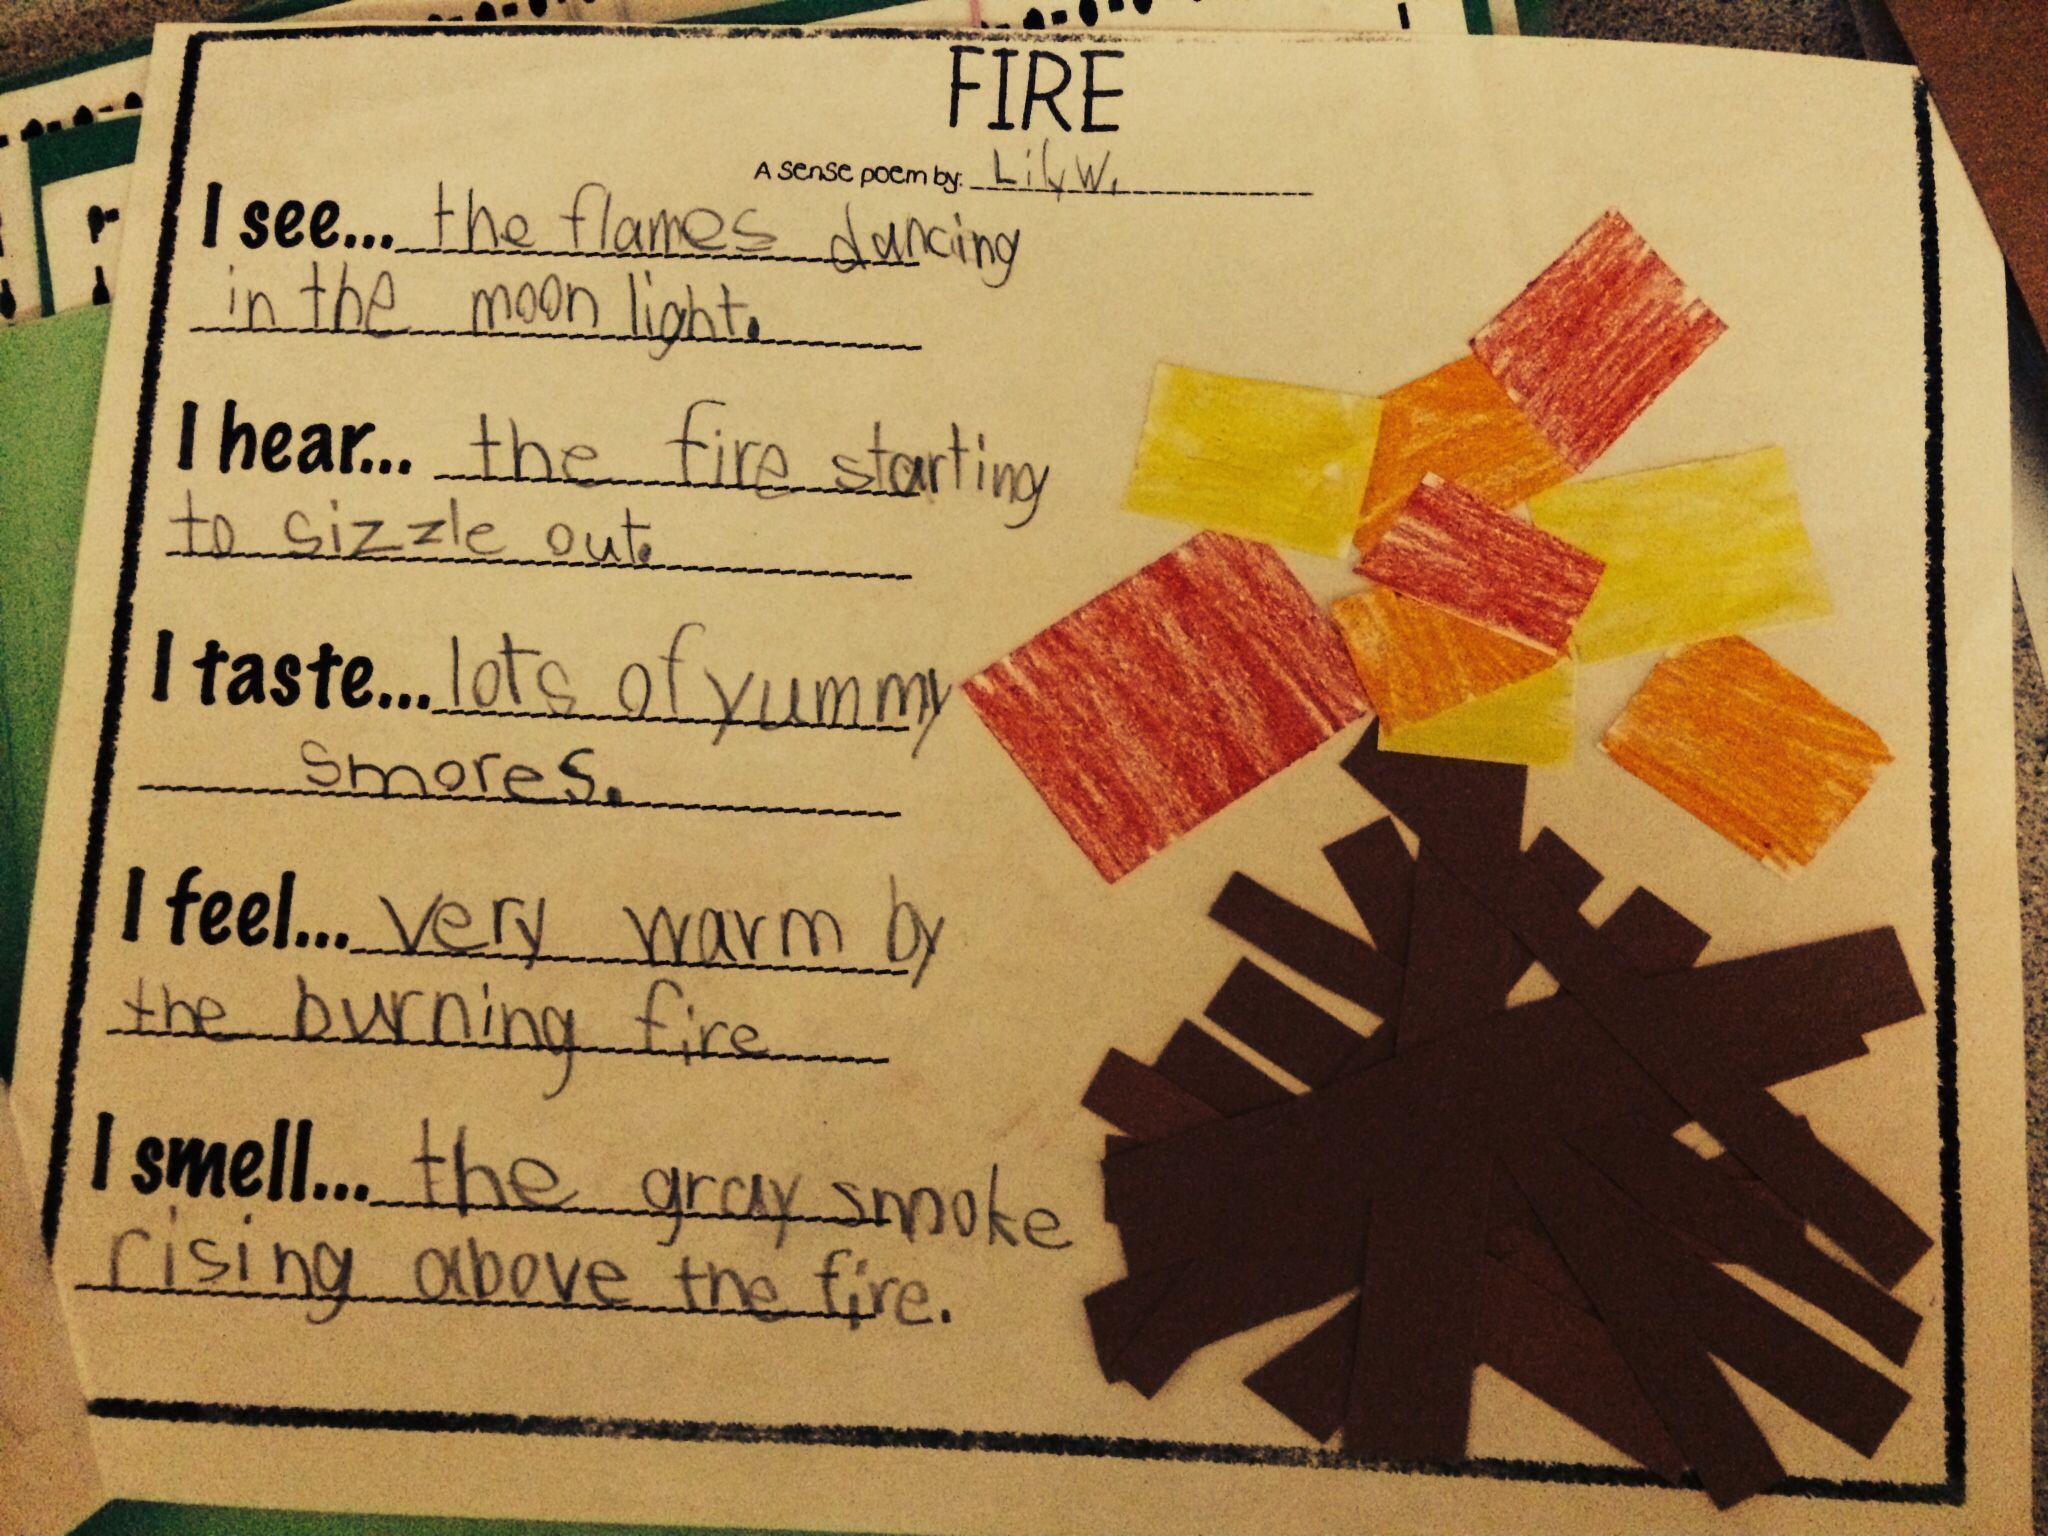 Fire Sense Poem